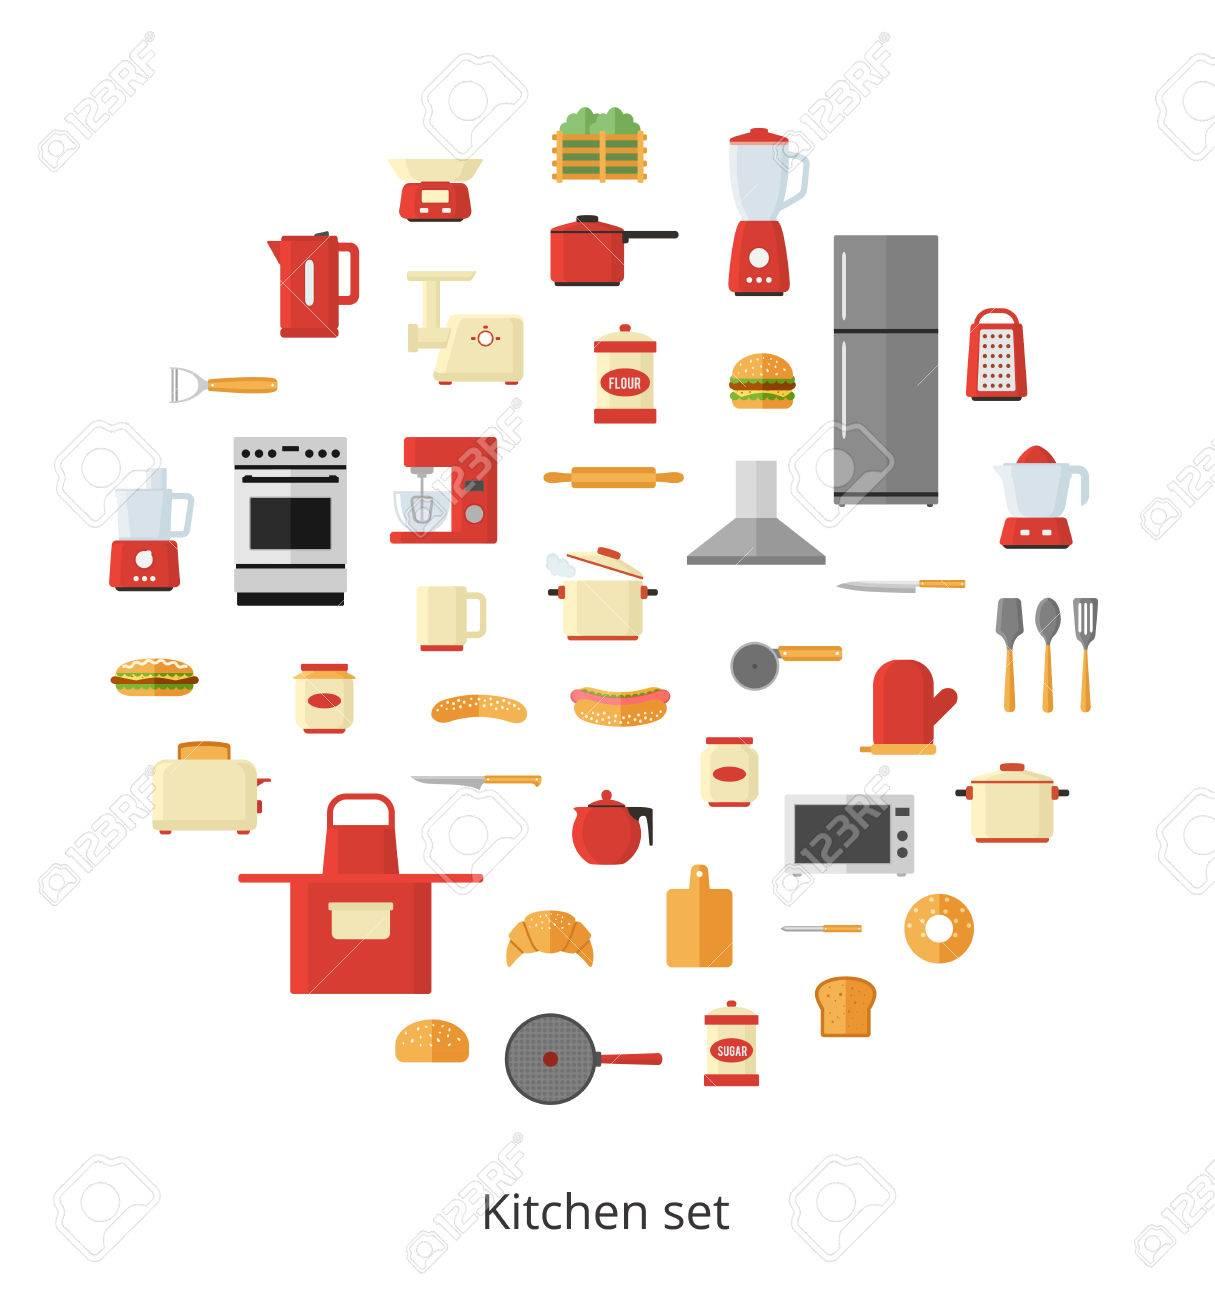 Küchengeräte Und Geschirr, Elektrische Geräte Und Werkzeuge In ...